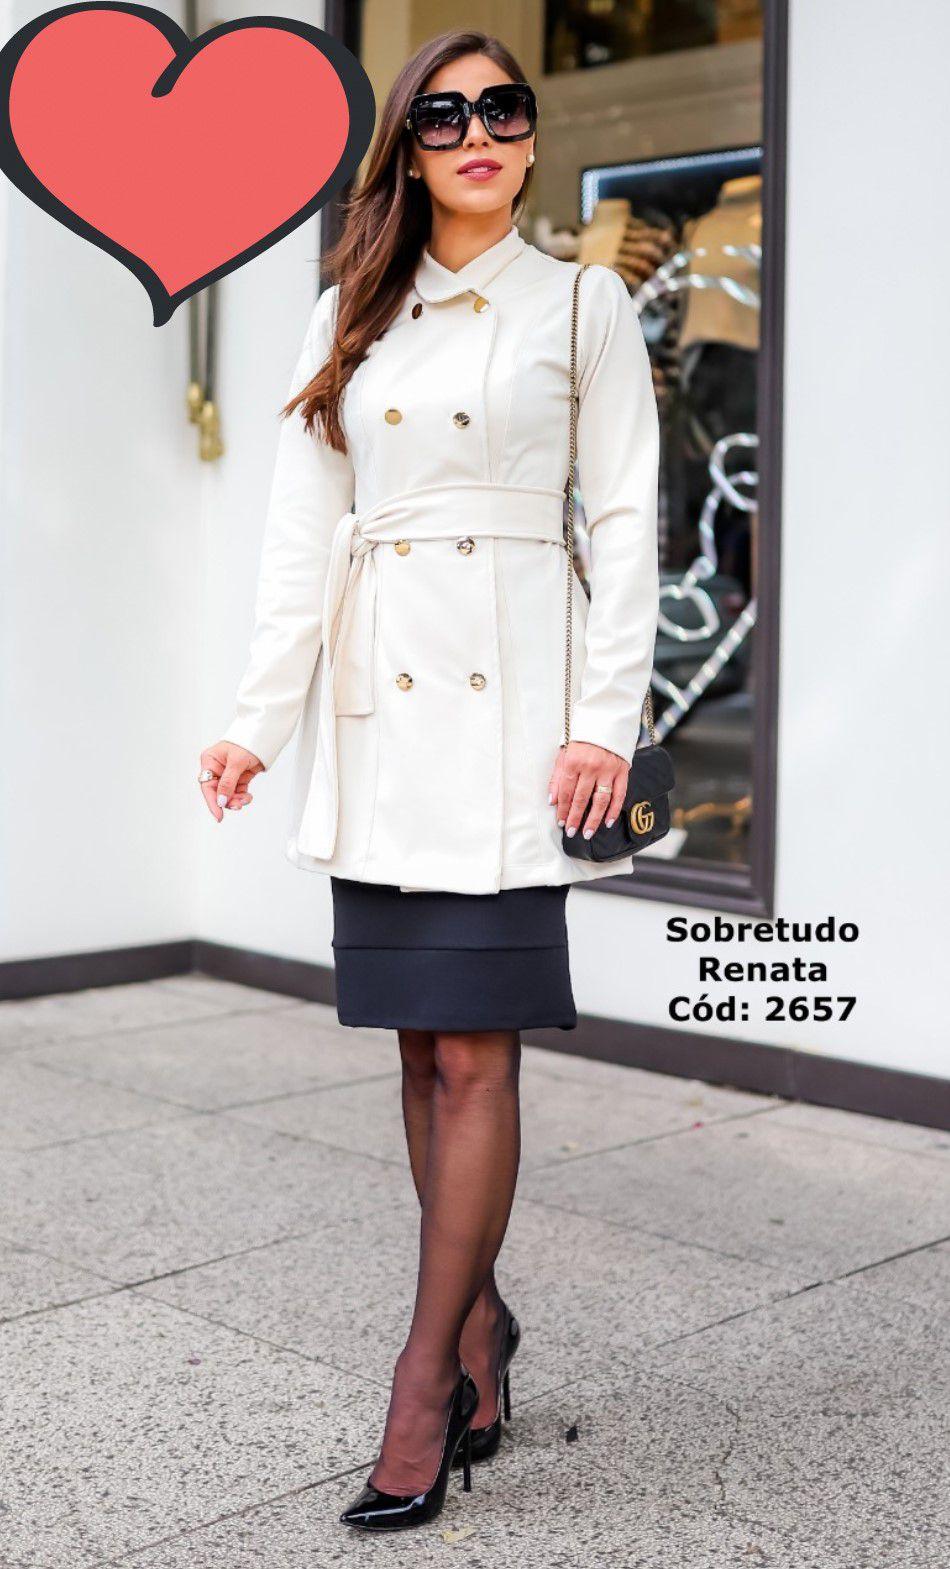 SOBRETUDO C/ FAIXA NA CINTURA - MARIA AMORE  (2657)